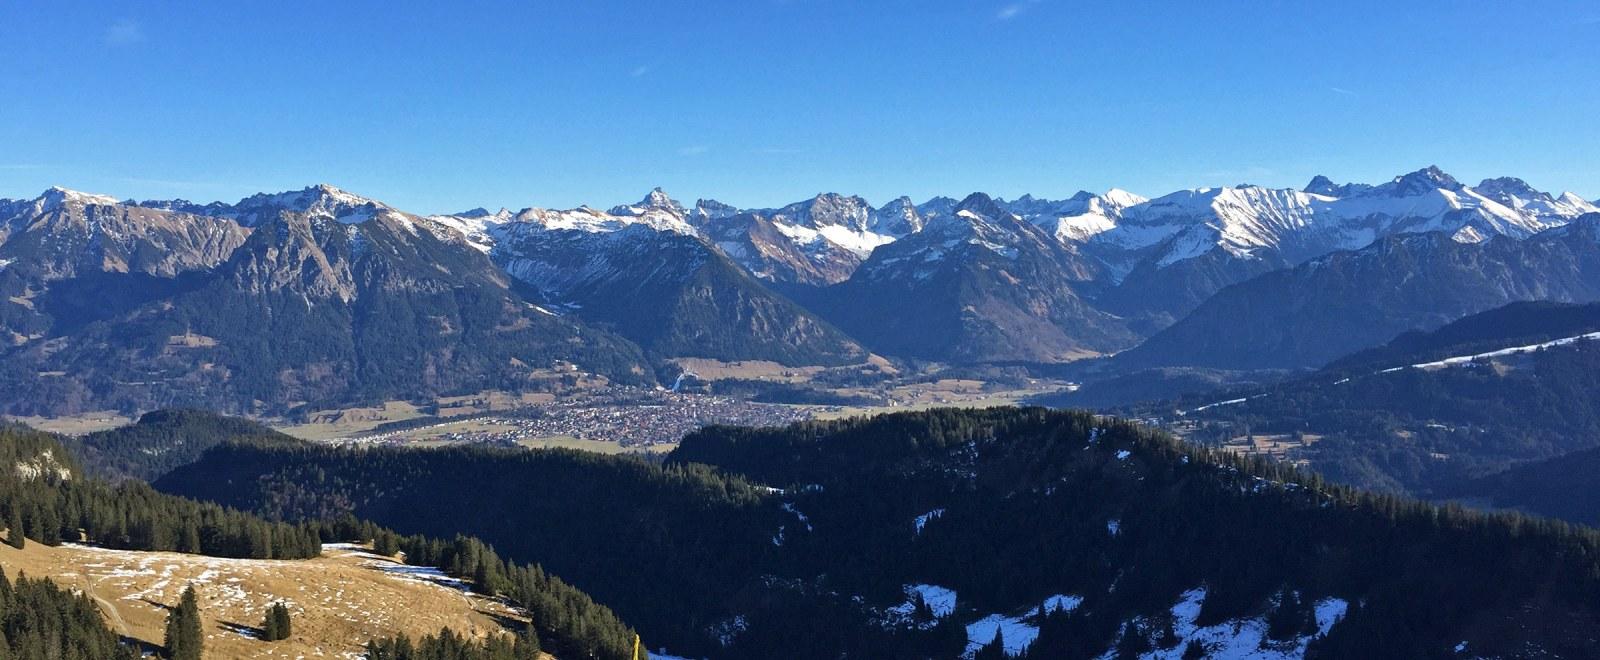 Blick vom Besler auf Oberstdorf mit Allgäuer Alpen